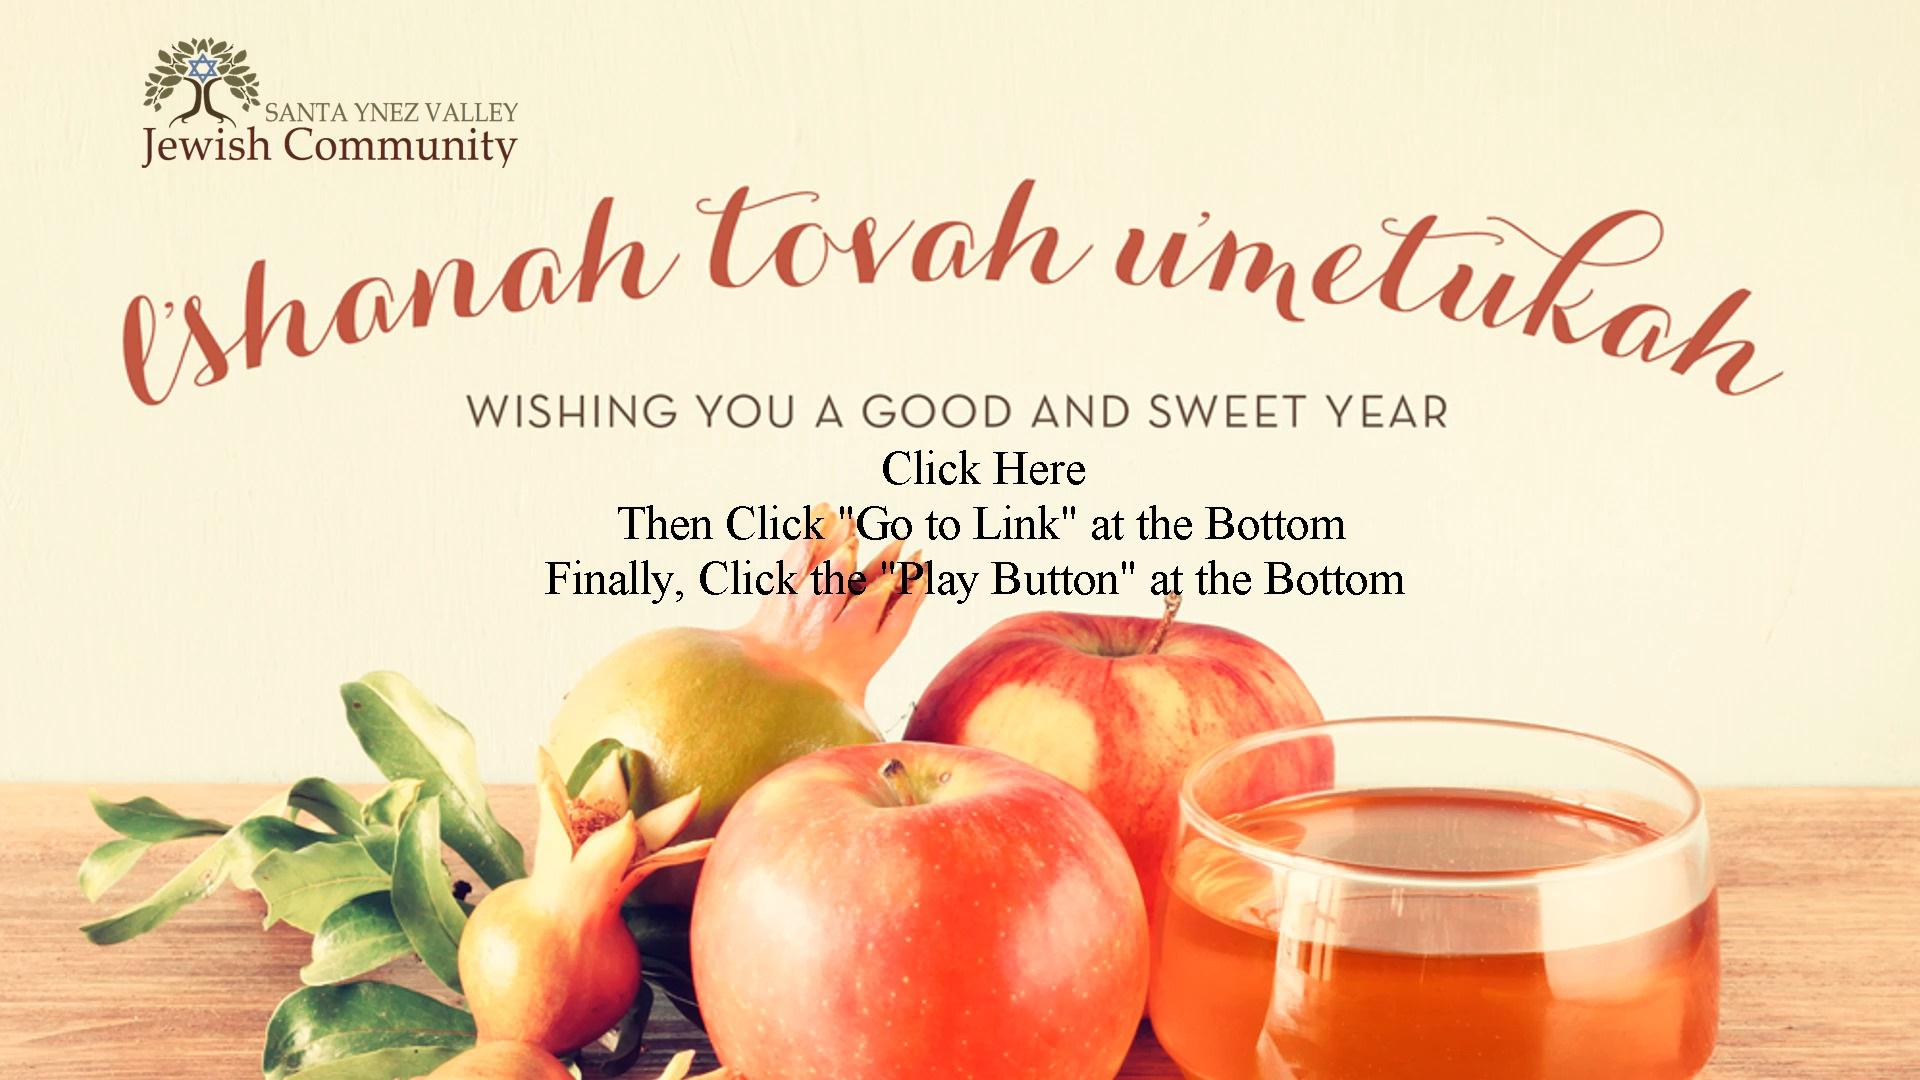 l'shanah tovah u'metukah